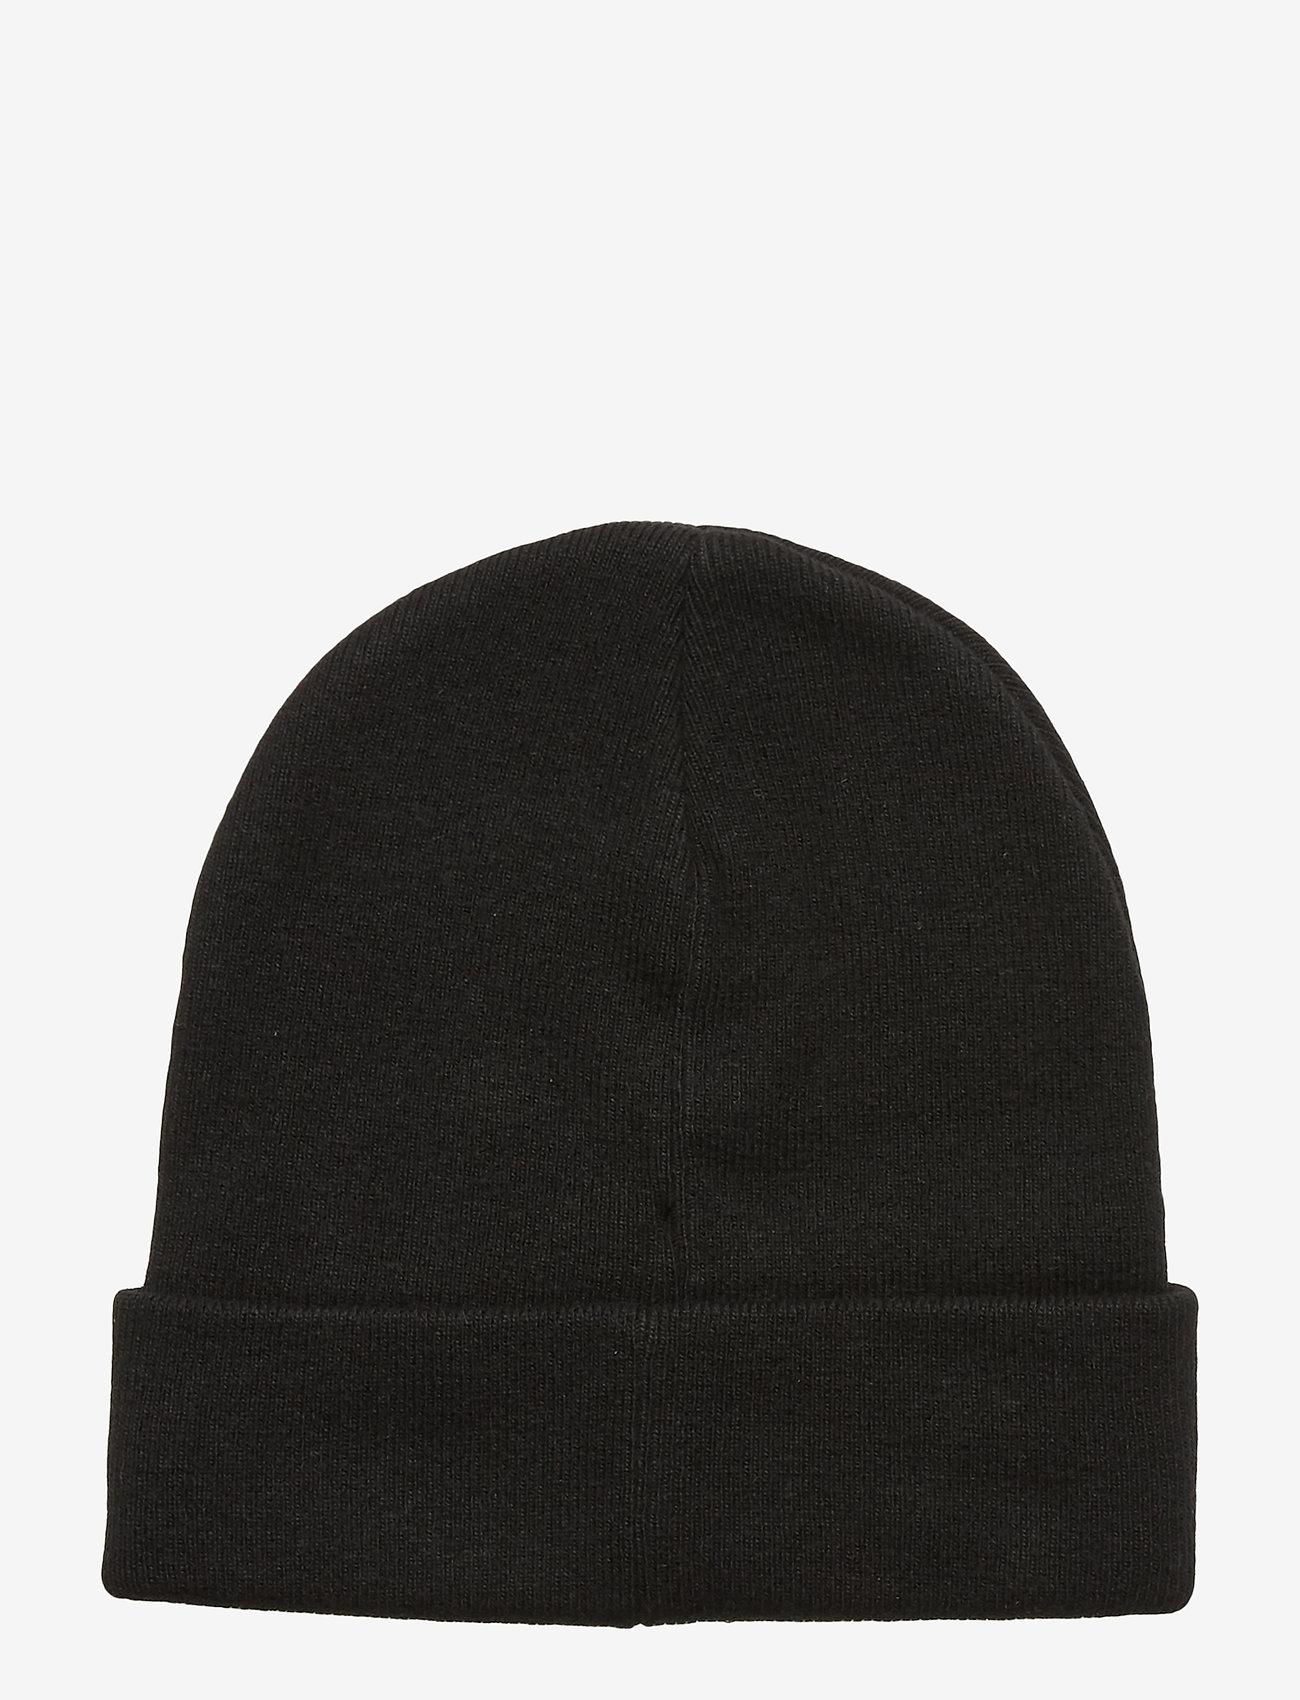 Calvin Klein - DROP SHADOW BEANIE - beanies - black - 1